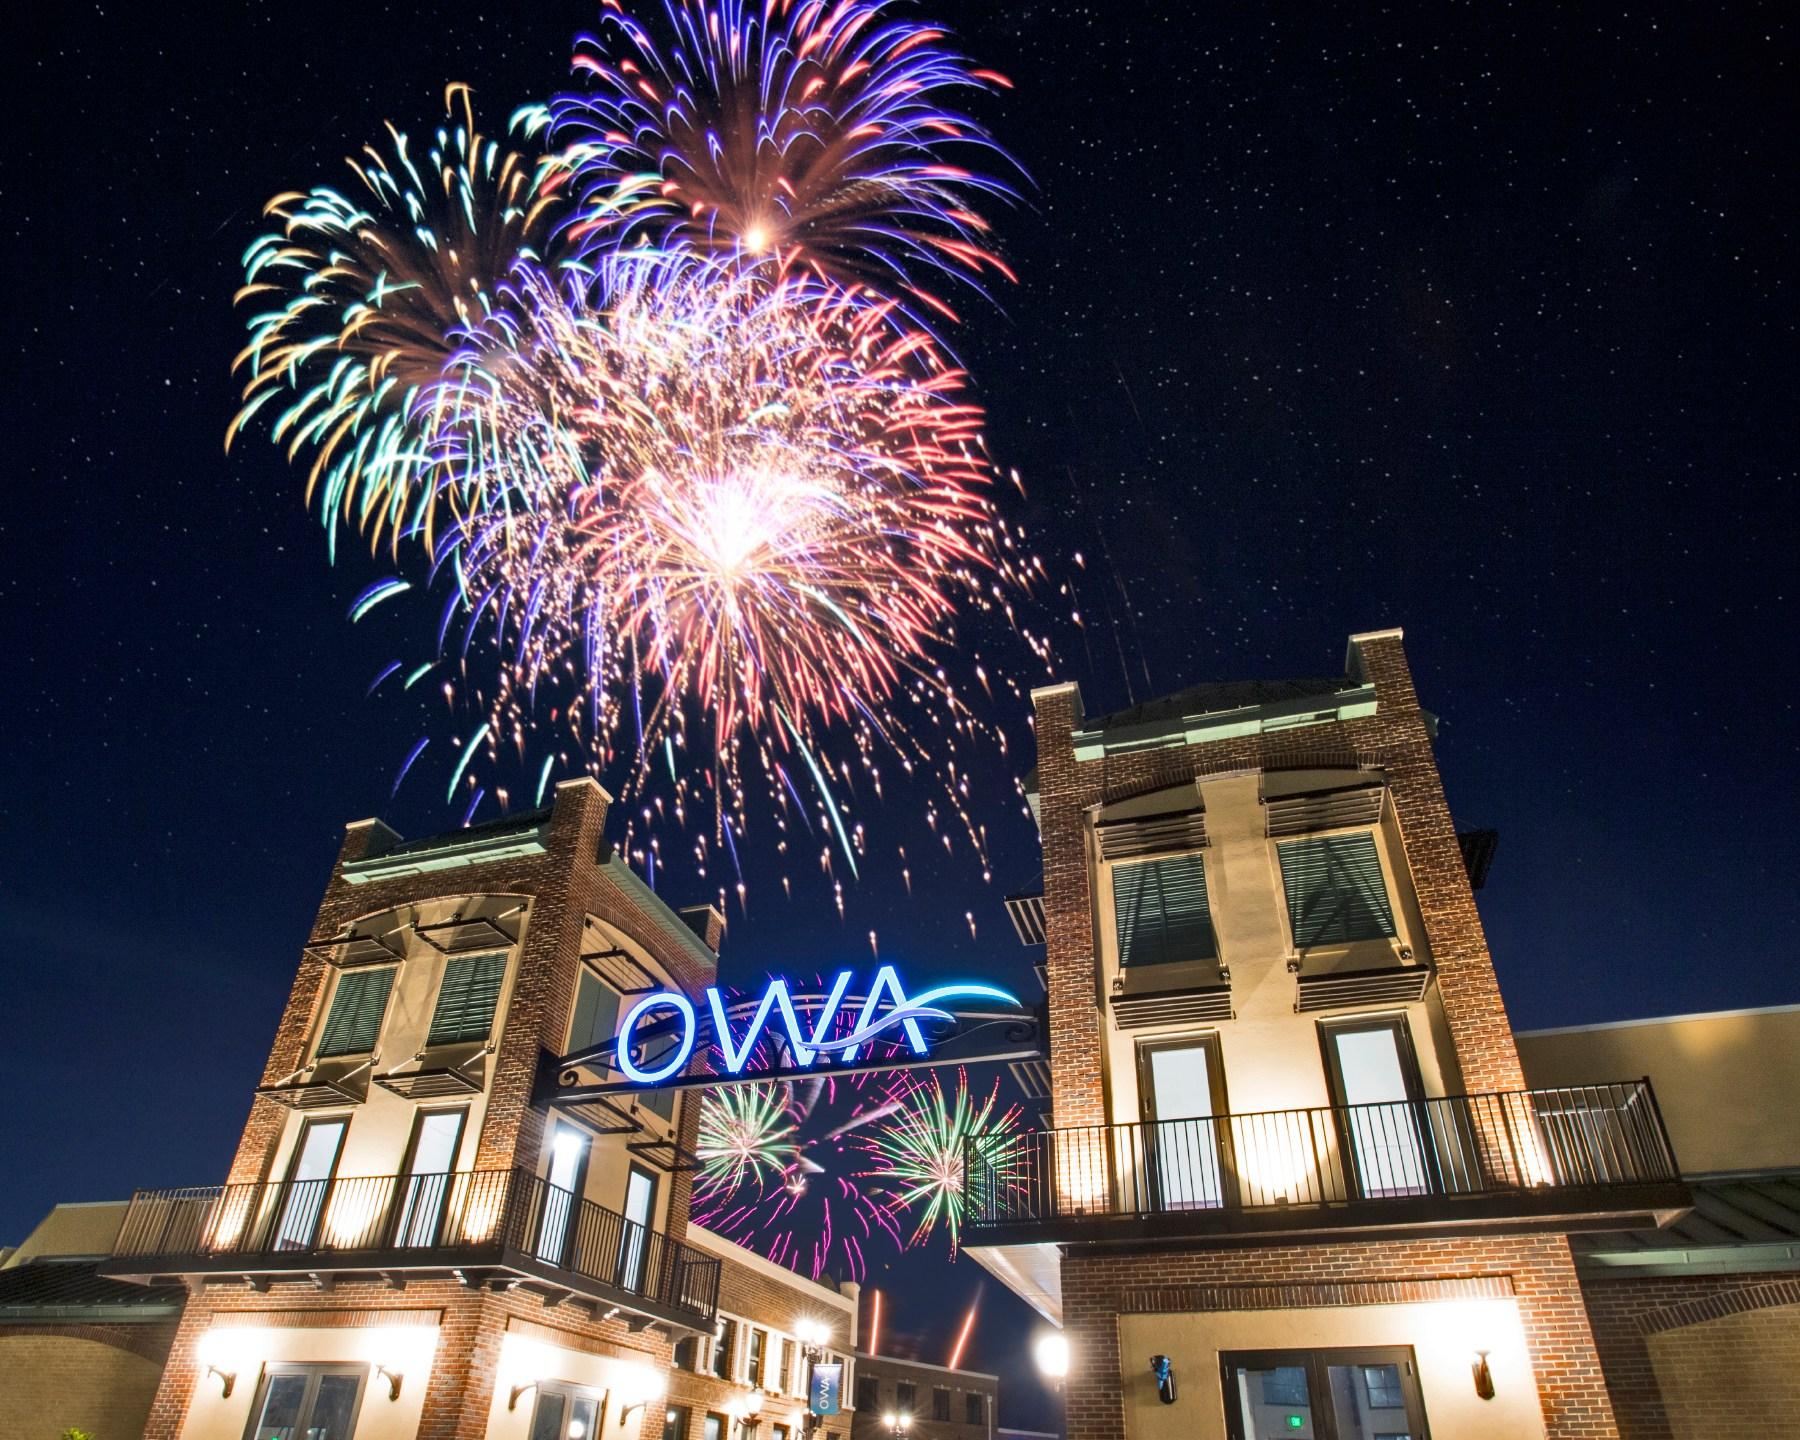 OWA Fireworks_1552417298337.jpg.jpg